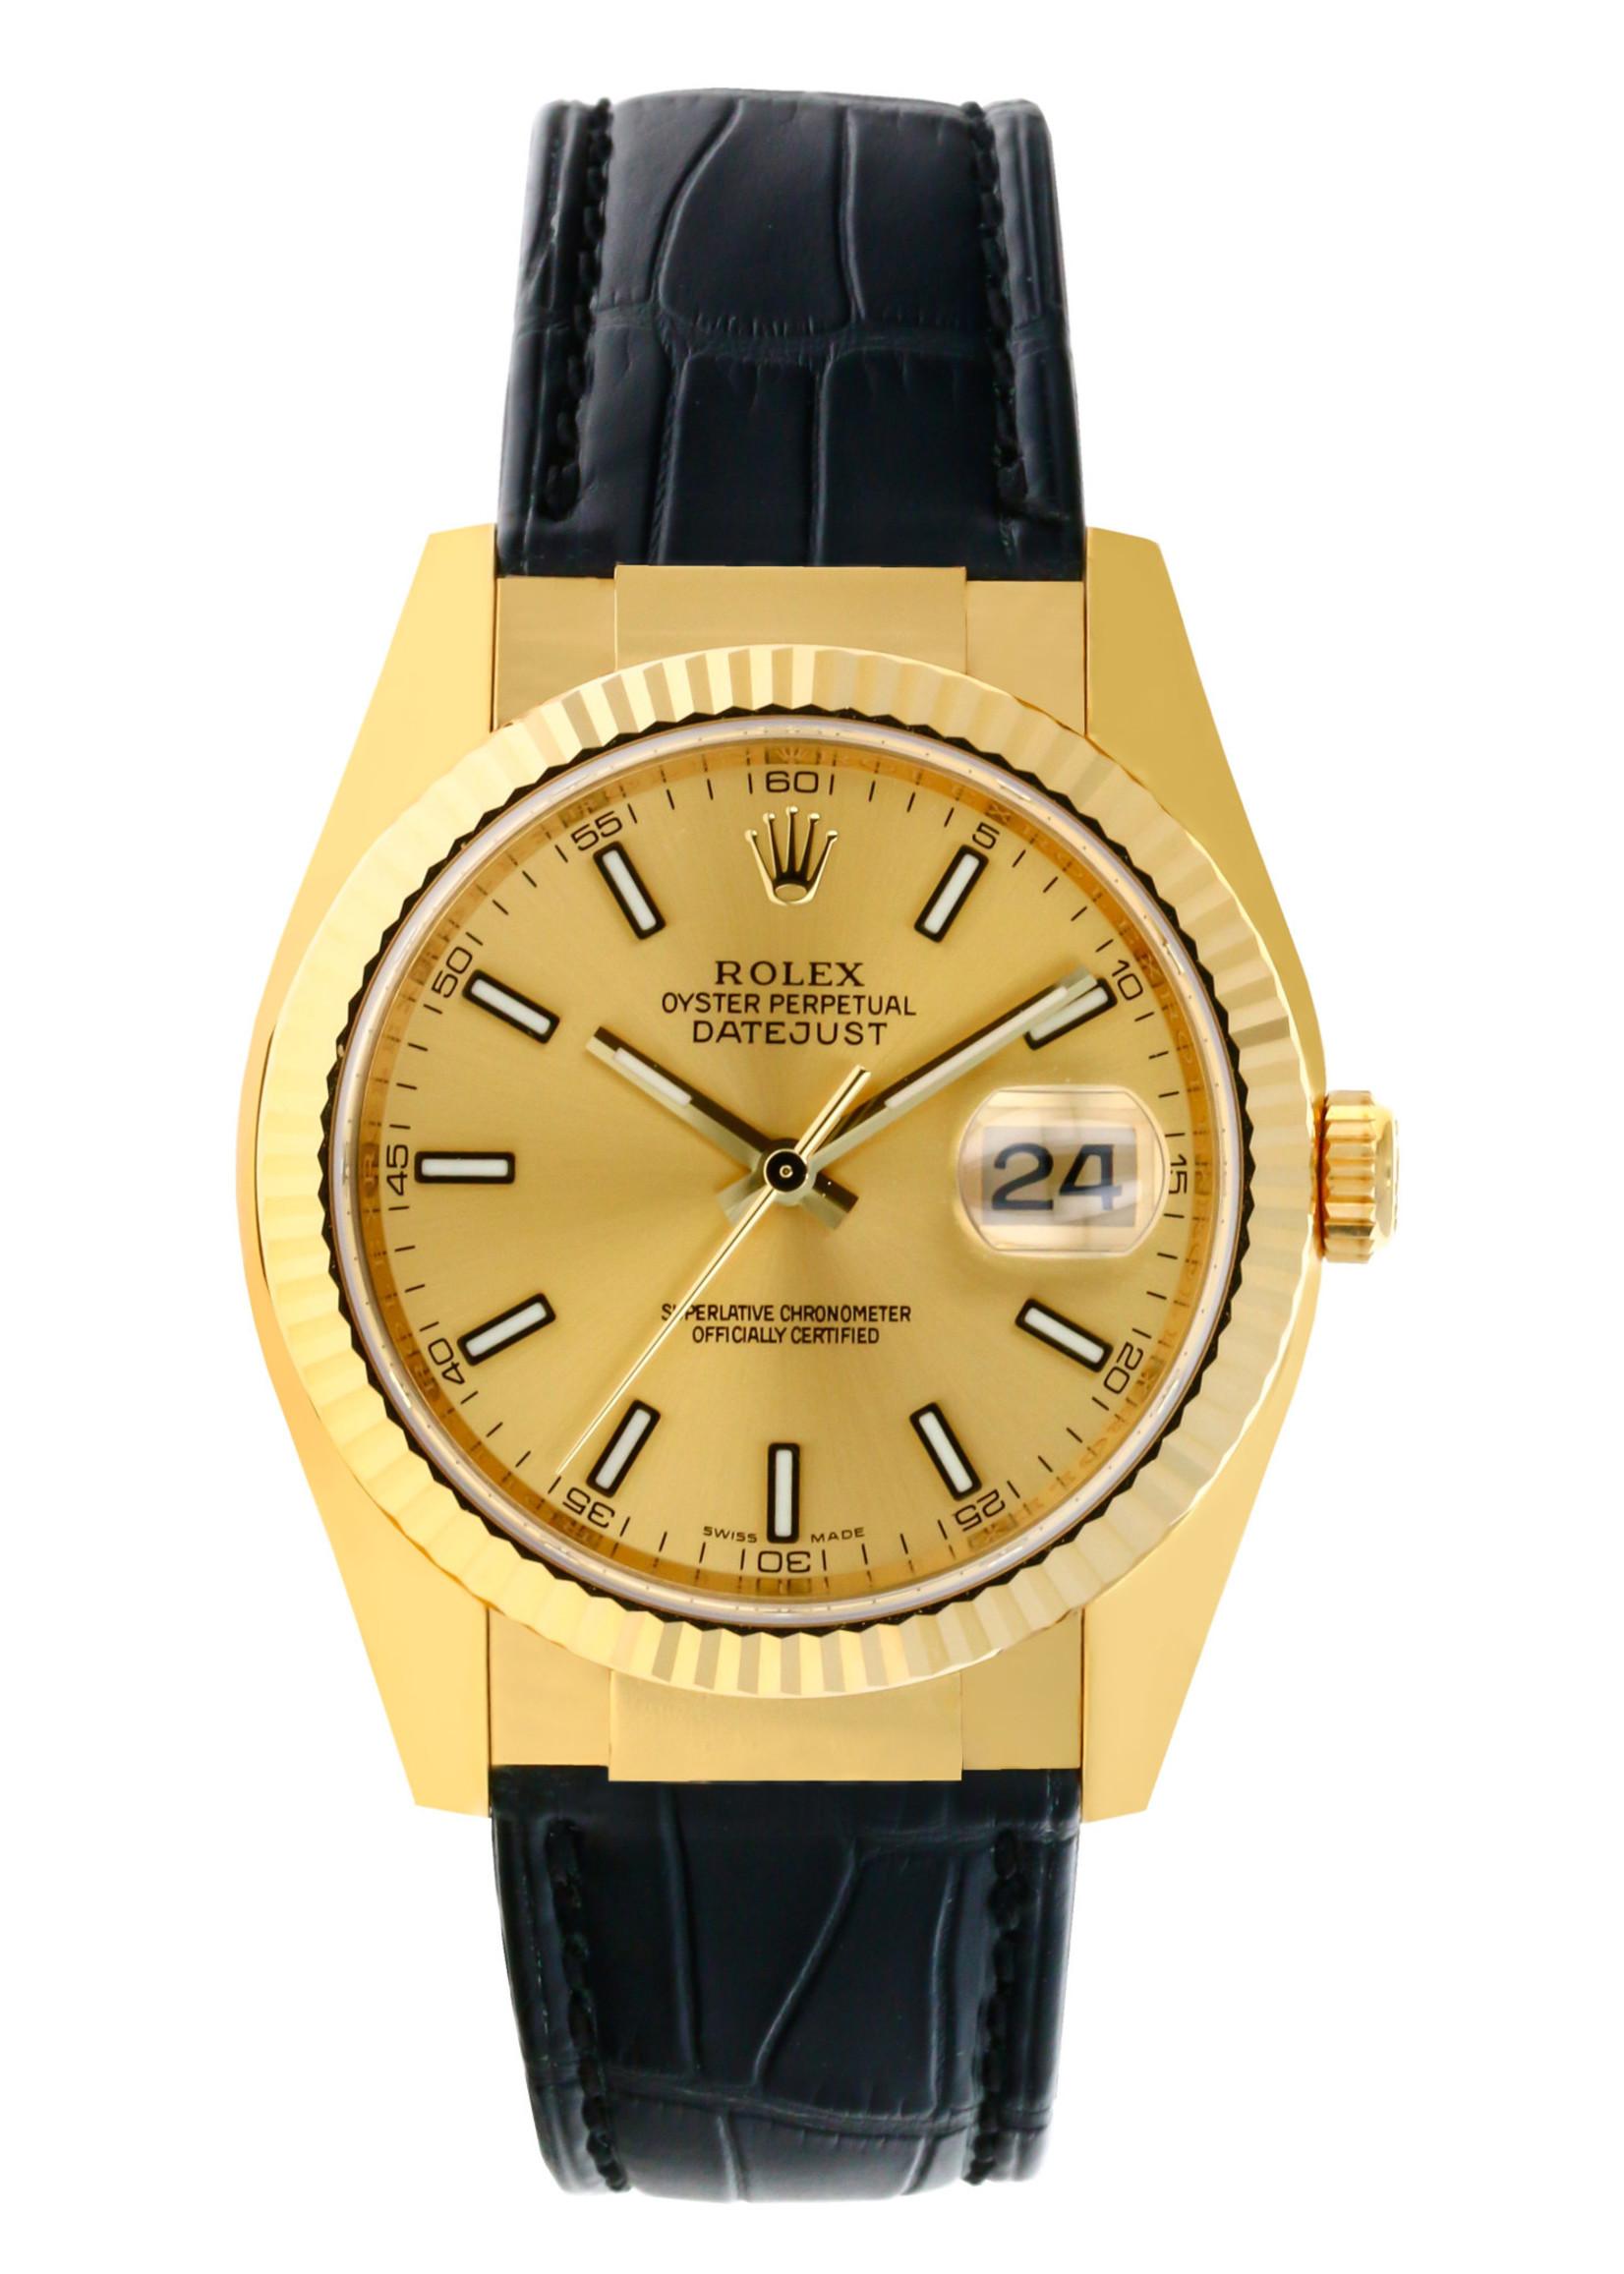 Rolex Watches ROLEX DATEJUST 36MM (2006 B+P) #116138 BRAND NEW